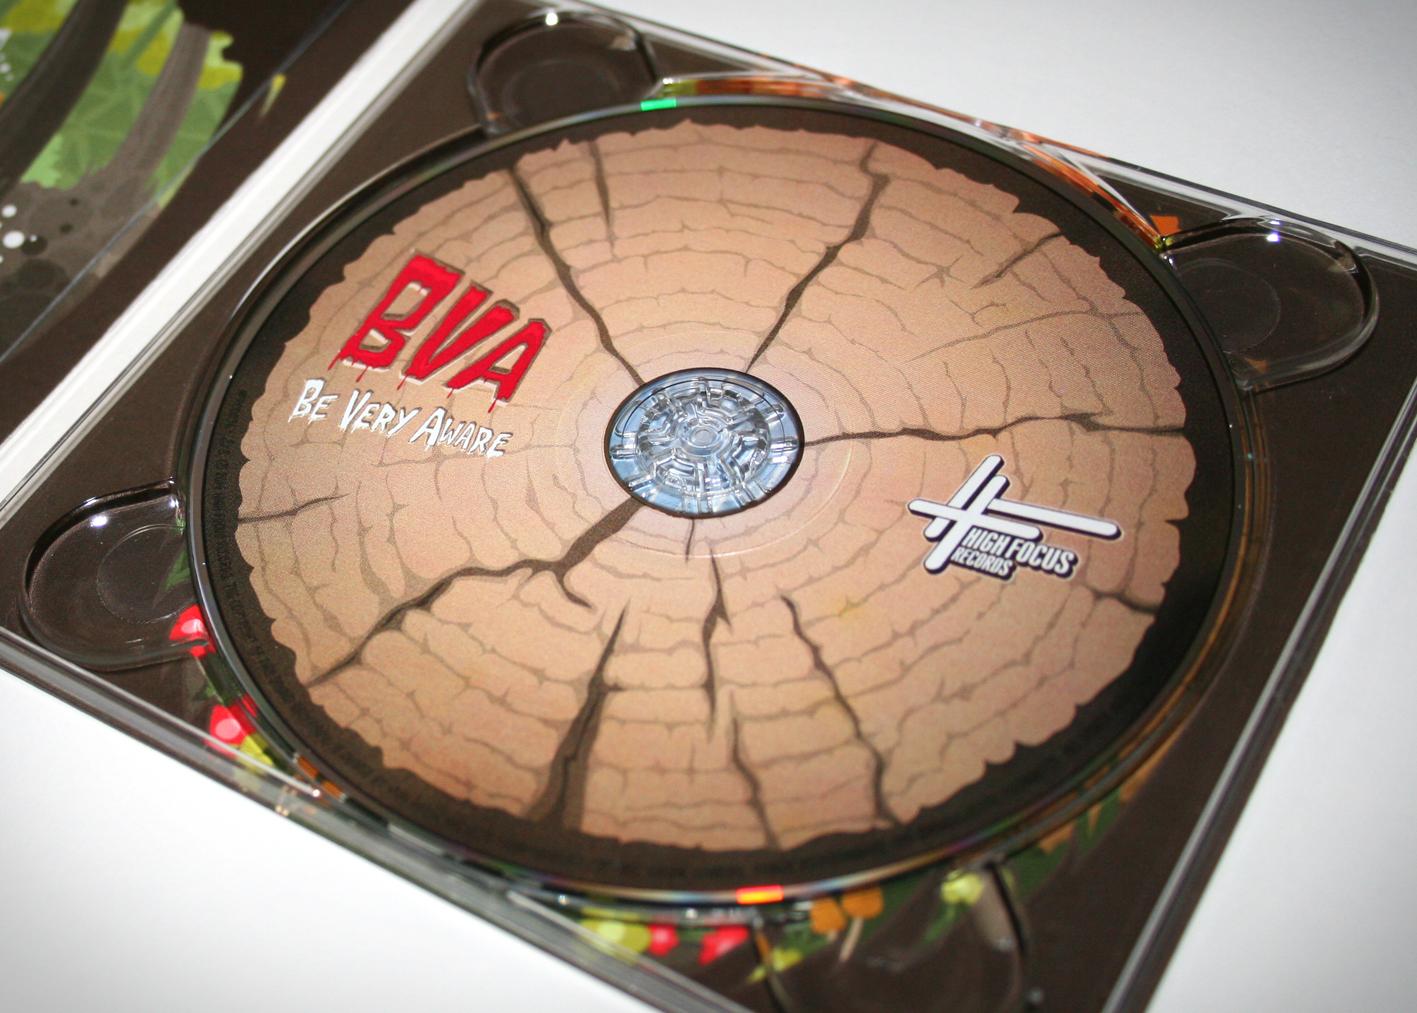 BVA cd disc